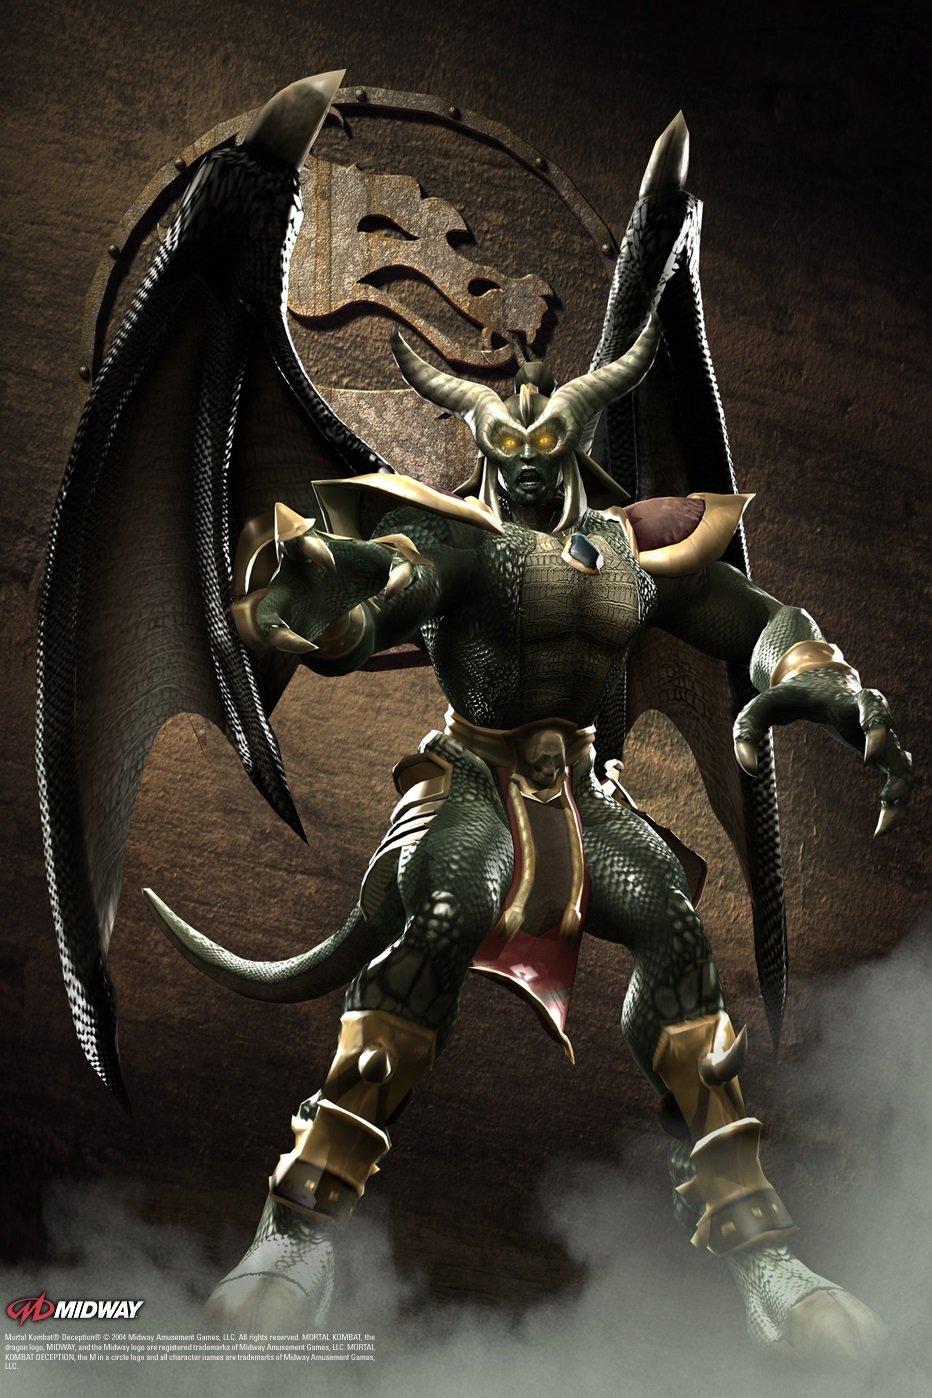 25 лет Mortal Kombat. Вспоминаем, что творилось всерии между MK3 иMK9. - Изображение 19